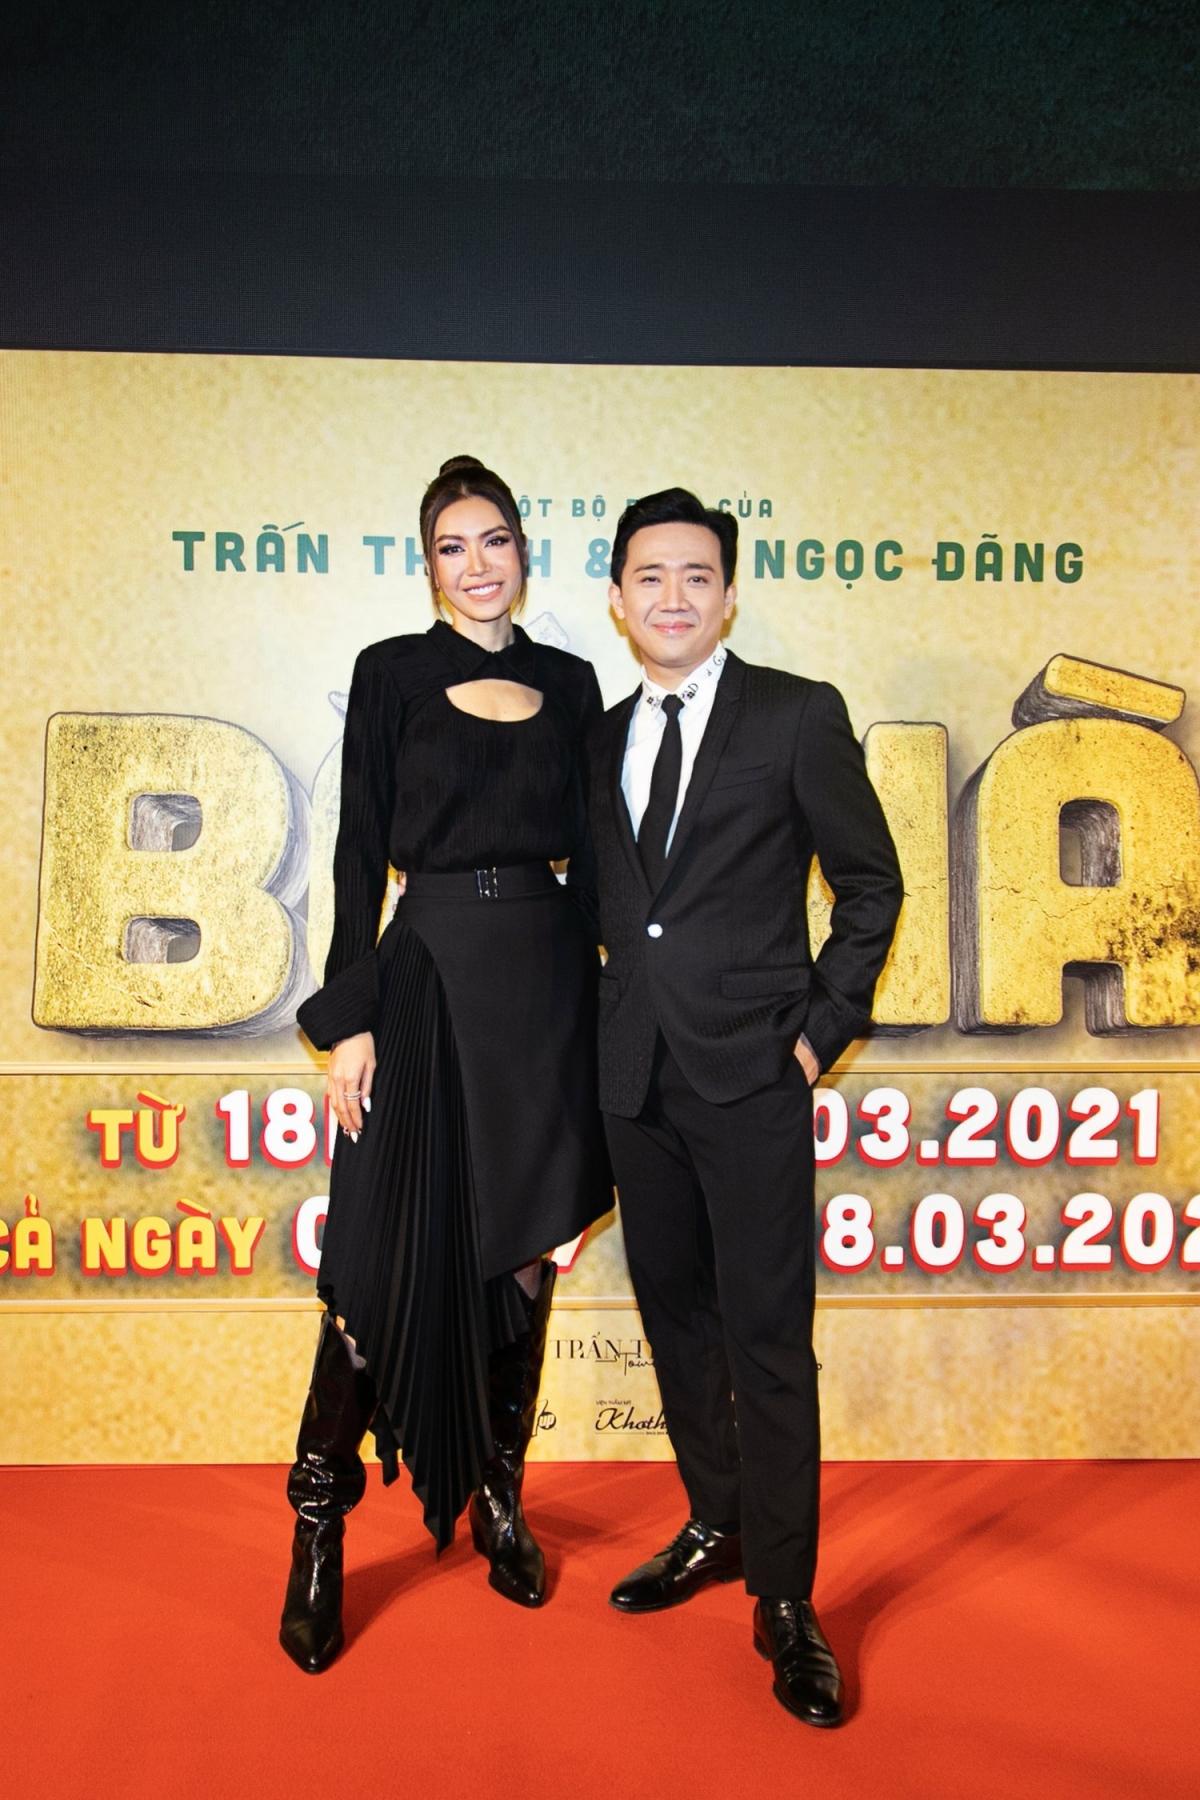 Chân dài rạng rỡ đến chúc mừng người anh Trấn Thành và dàn diễn viên trong phim. Đây đều là những người bạn thân thiết mà cô dành tình cảm và sự mến mộ trong nghề, và trước đó Minh Tú cũng lấn sân sang diễn xuất nên dành tình cảm rất đặc biệt cho phim Việt Nam.